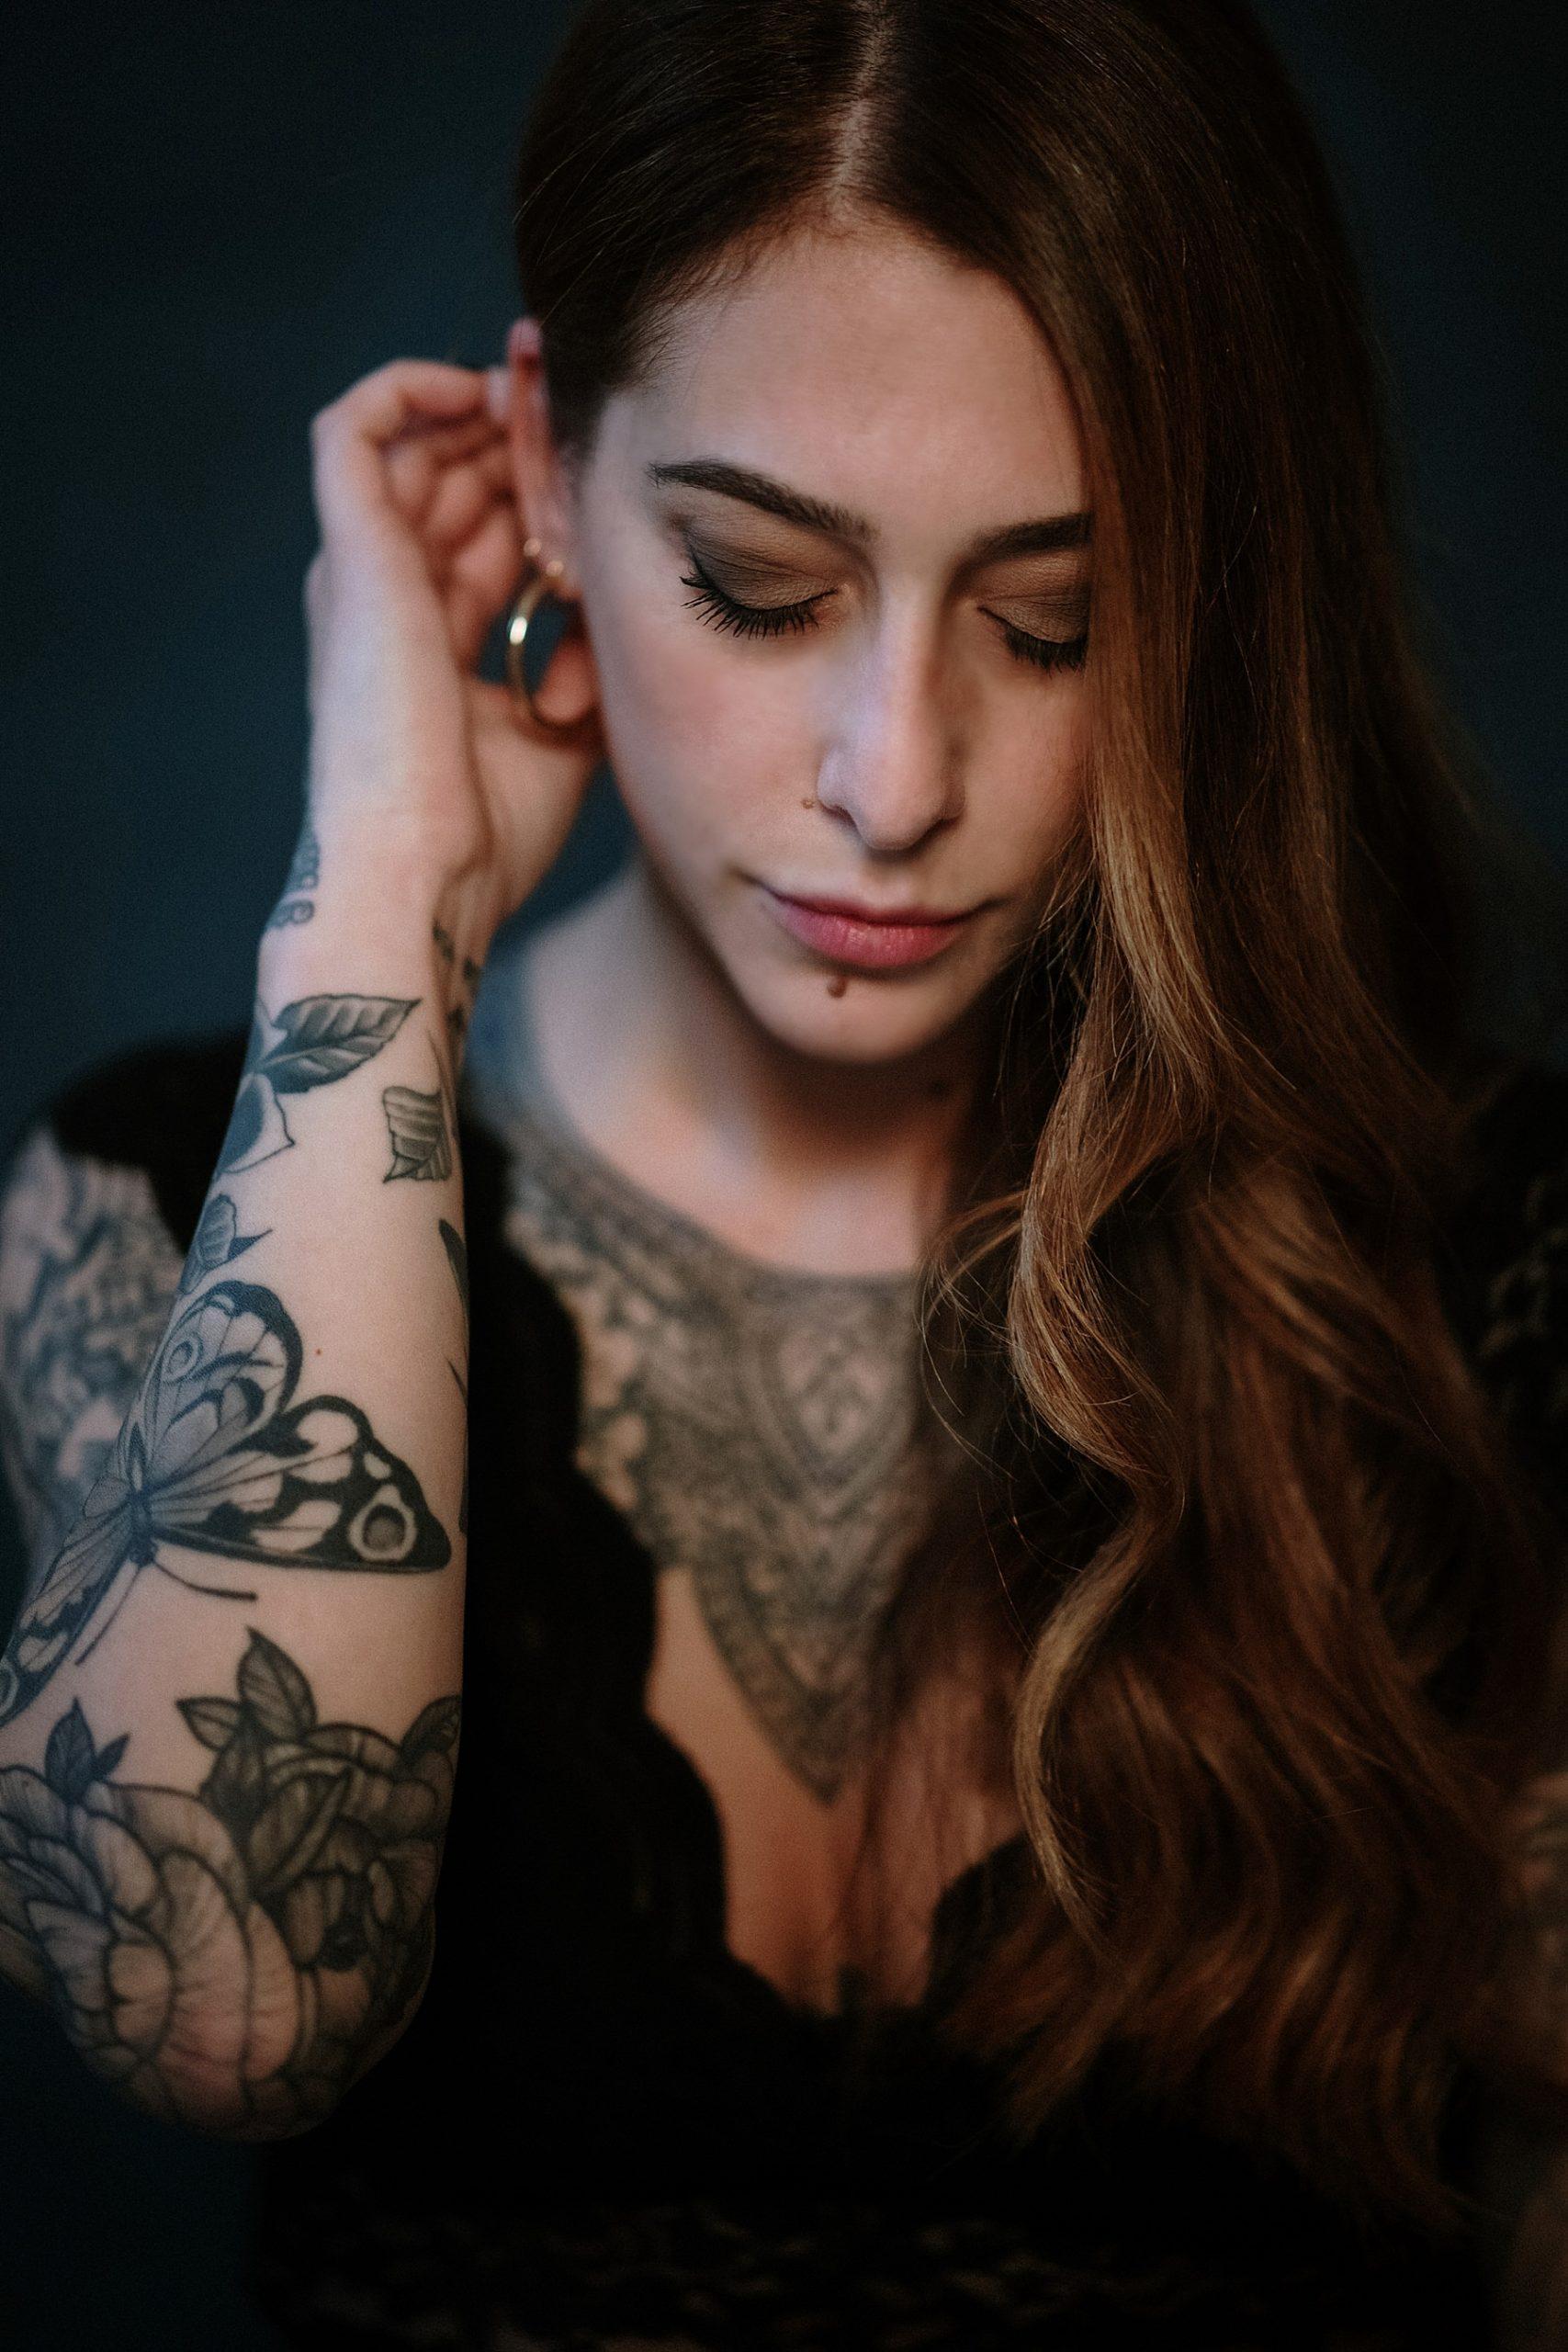 Bellissimo ritratto di ragazza dai capelli rossi realizzato in studio